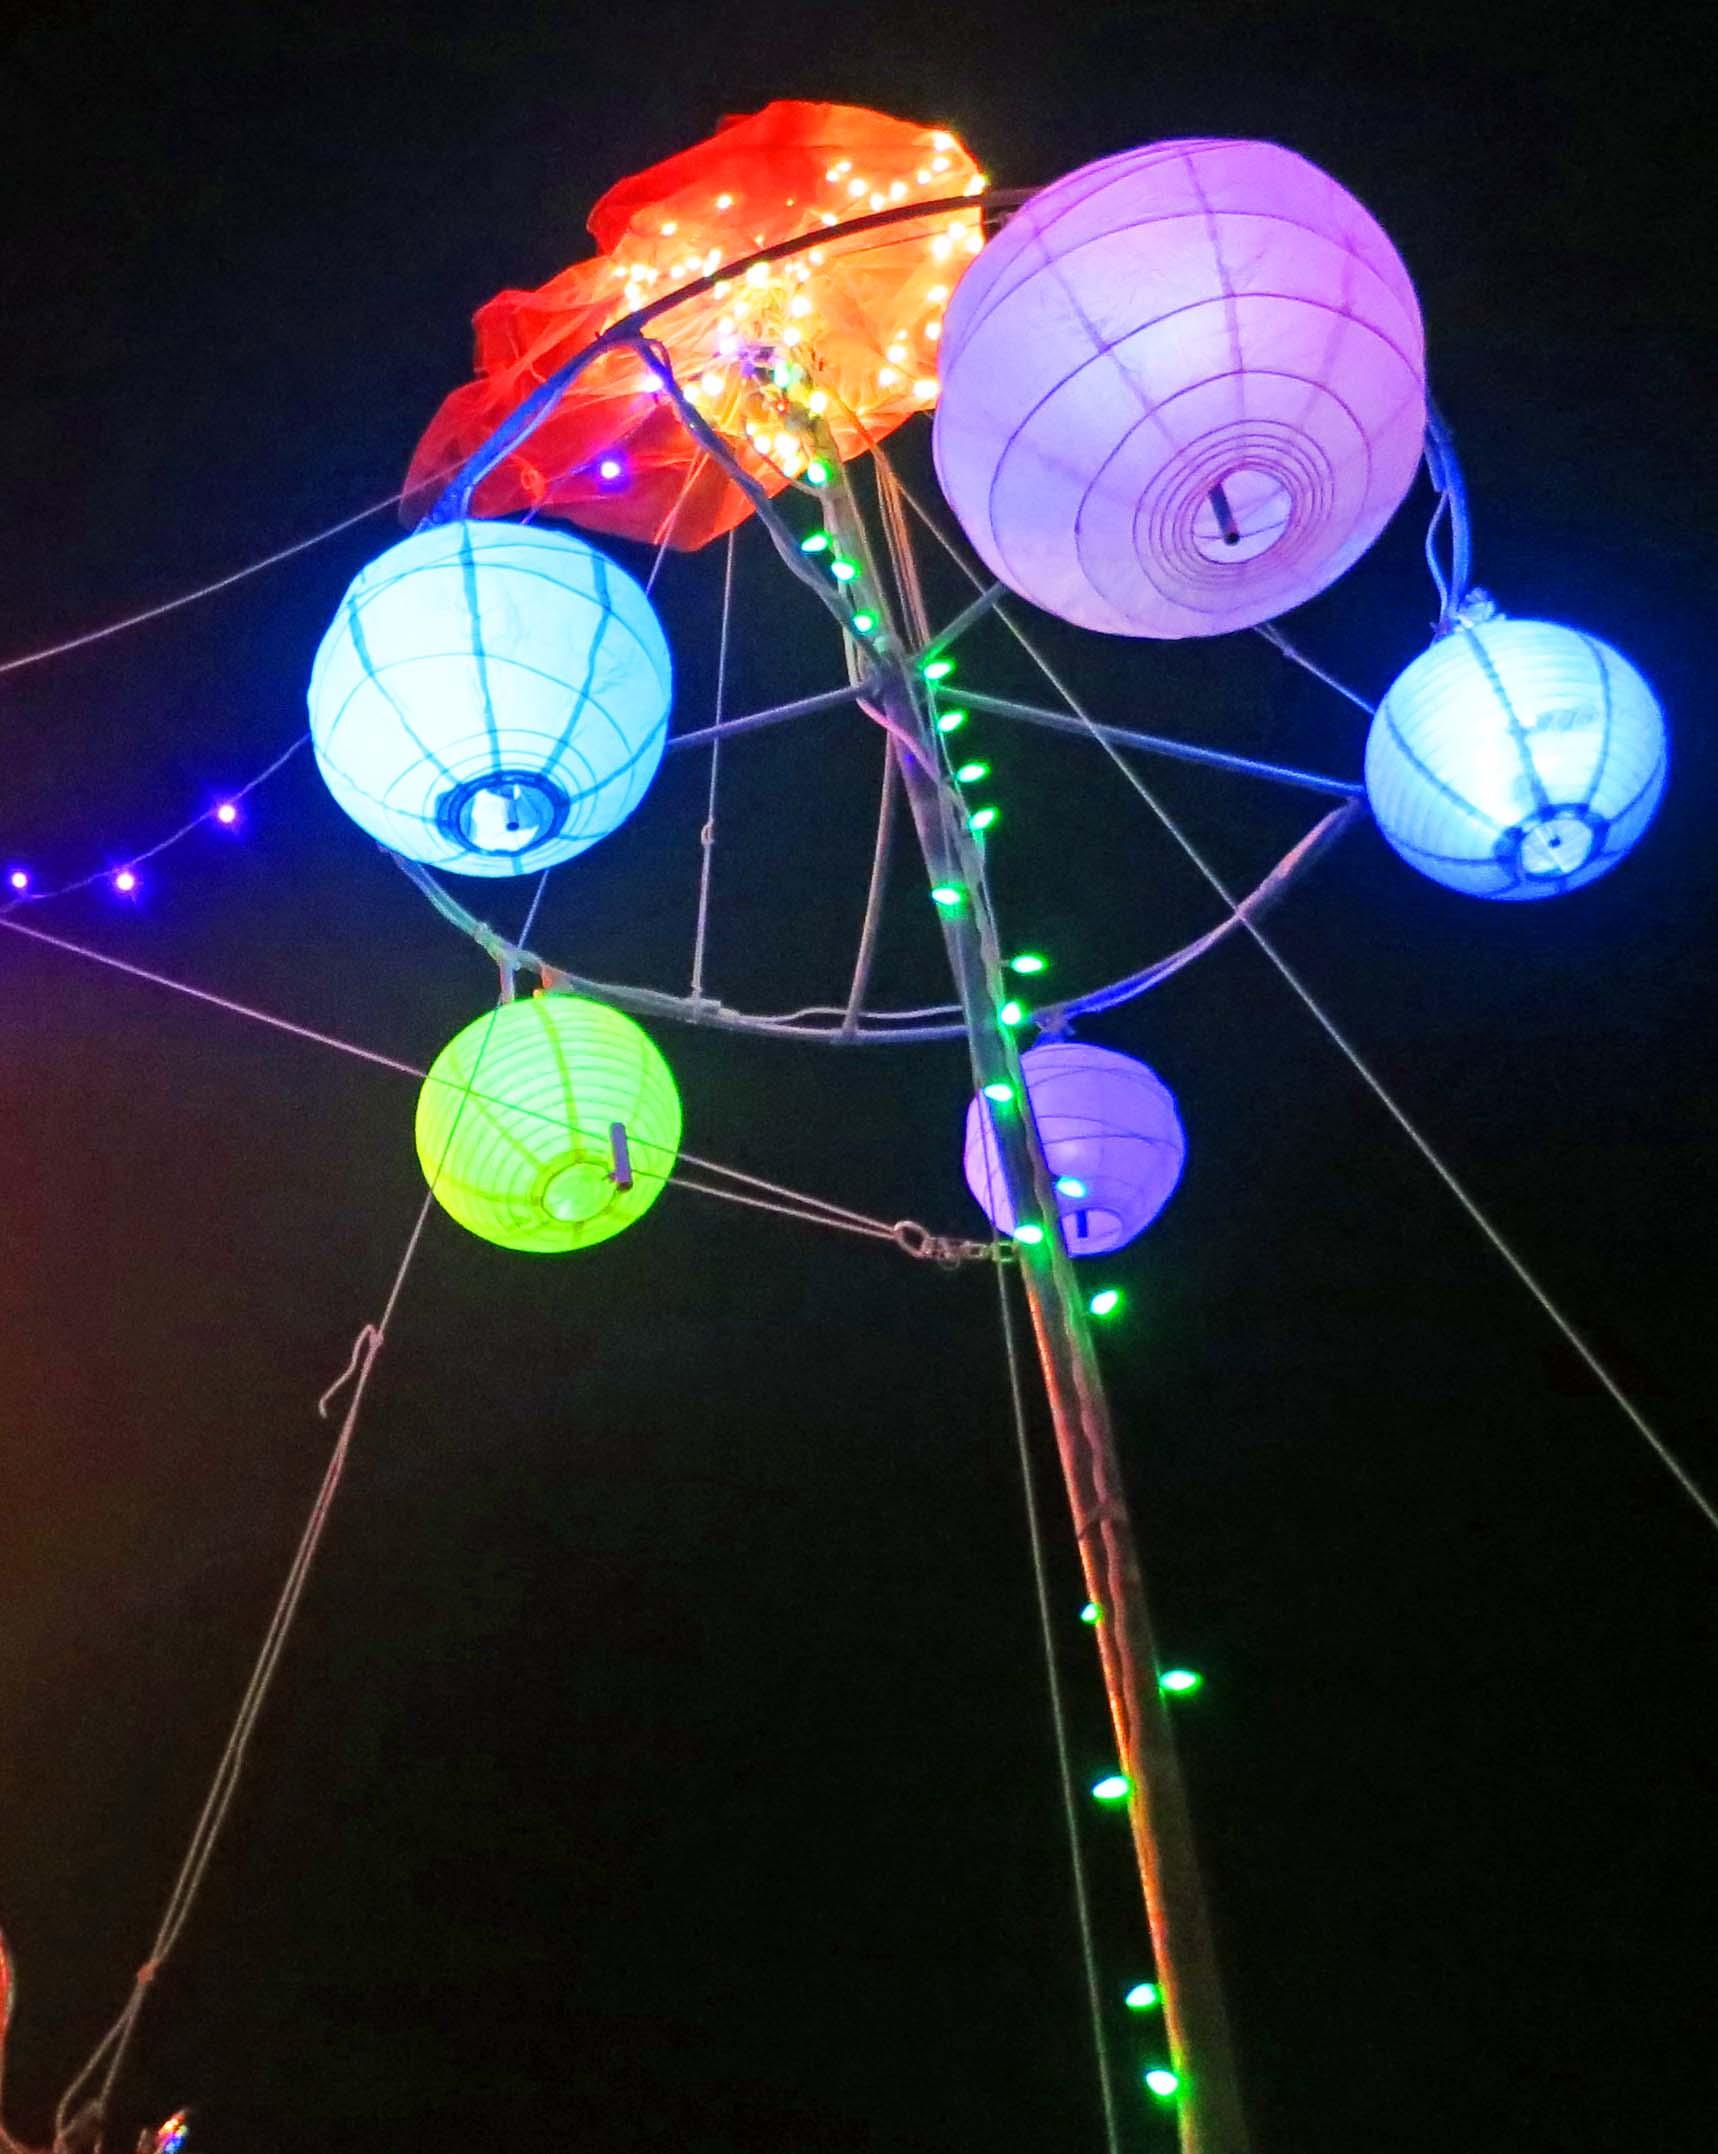 Hanging lanterns at Burning Man 2013.